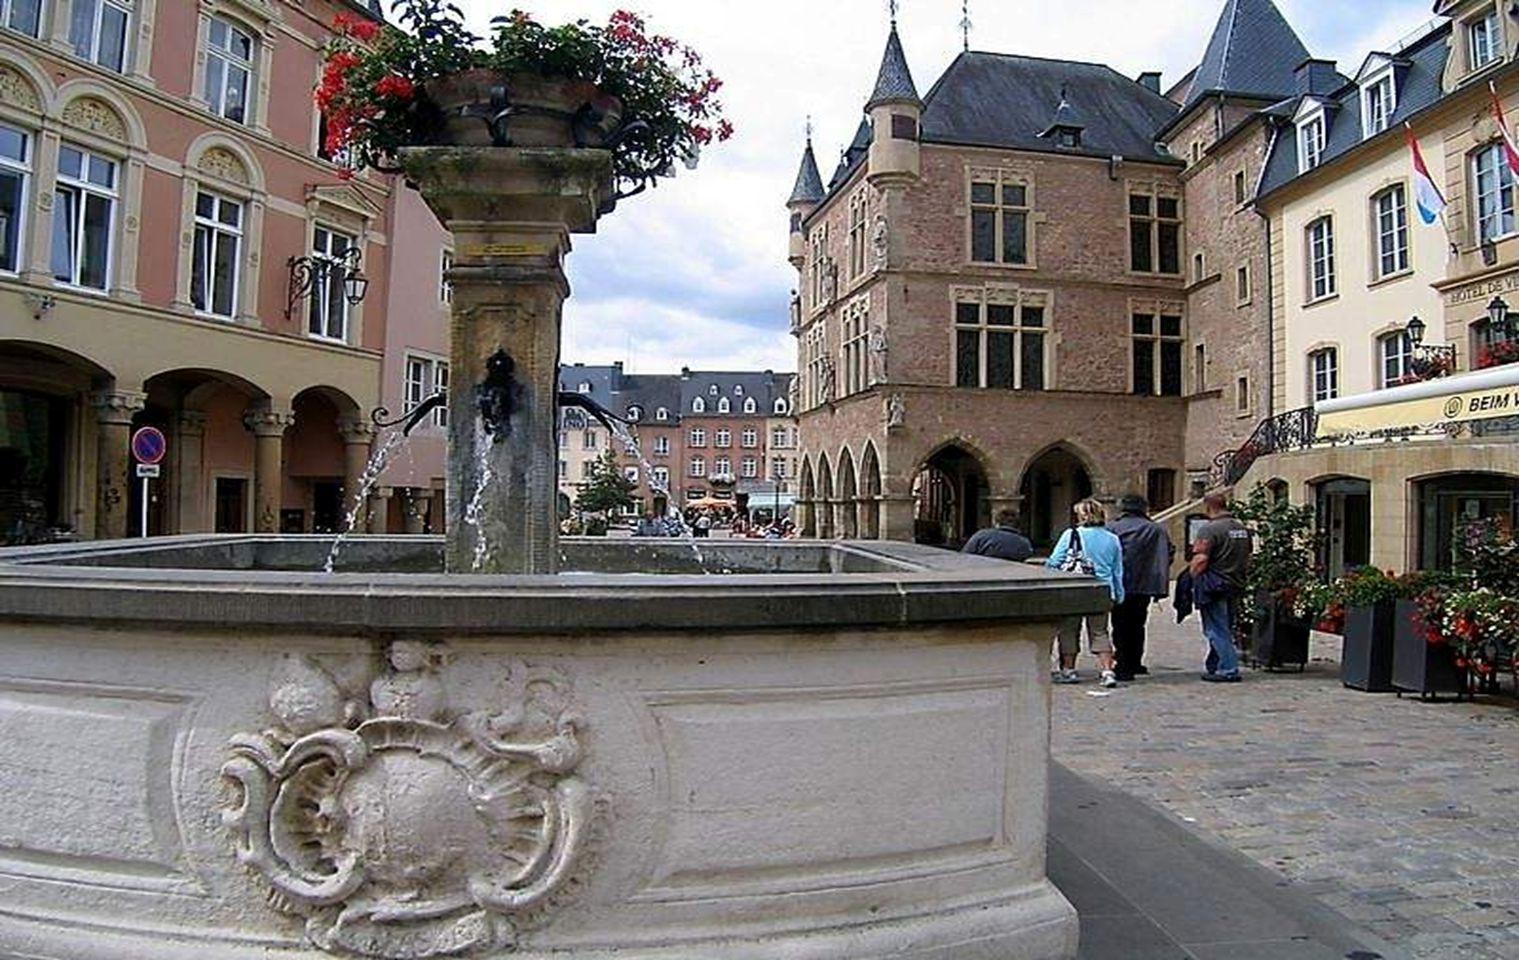 Plaza medieval Medieval square